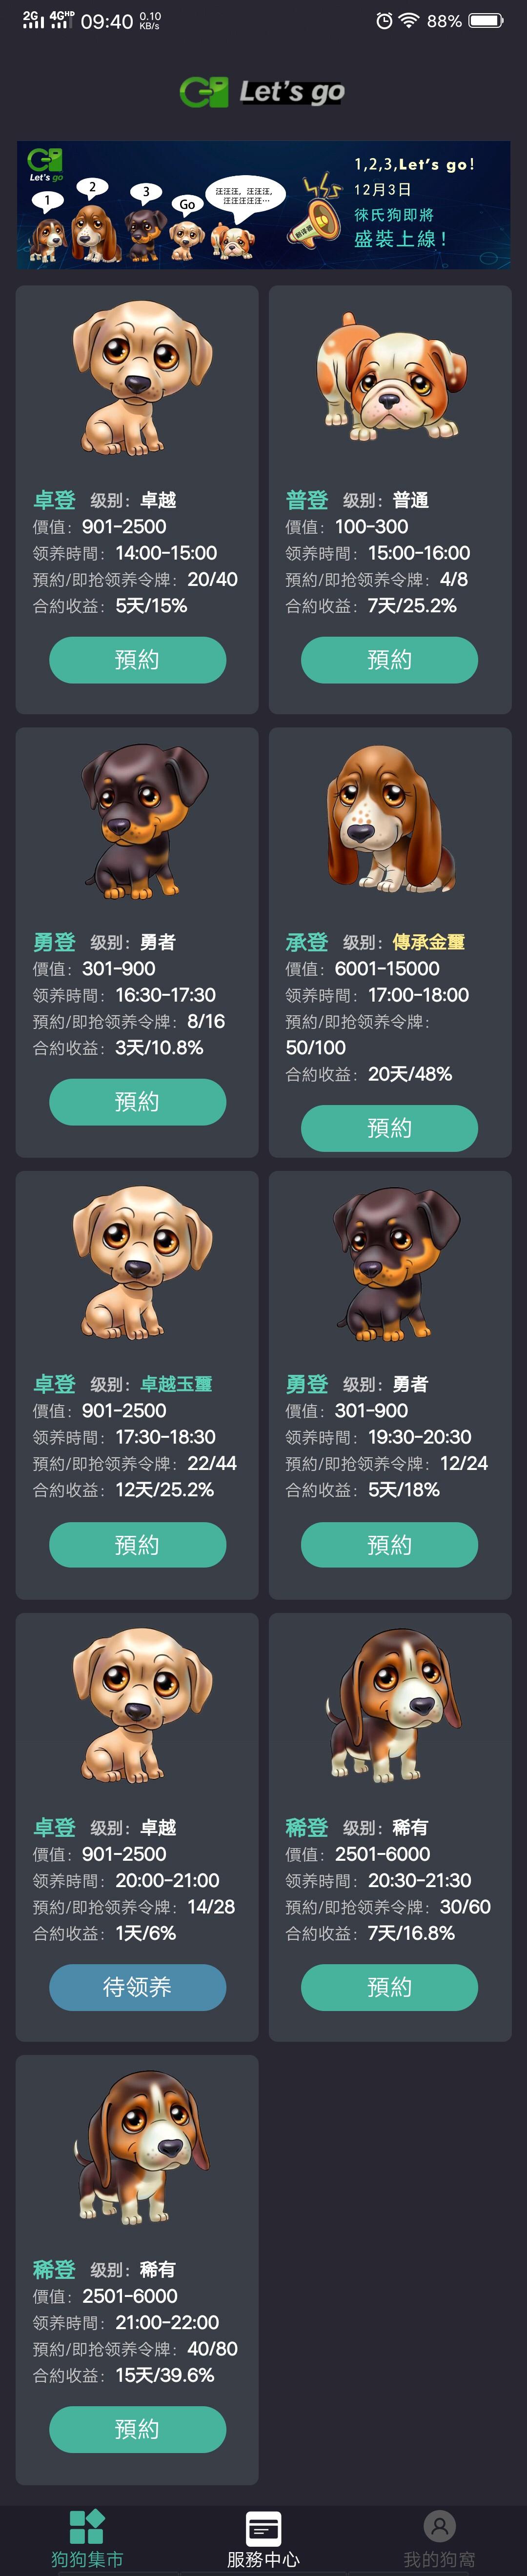 徕氏狗躺赚神器新版怎么养以号养号获取免费令牌?